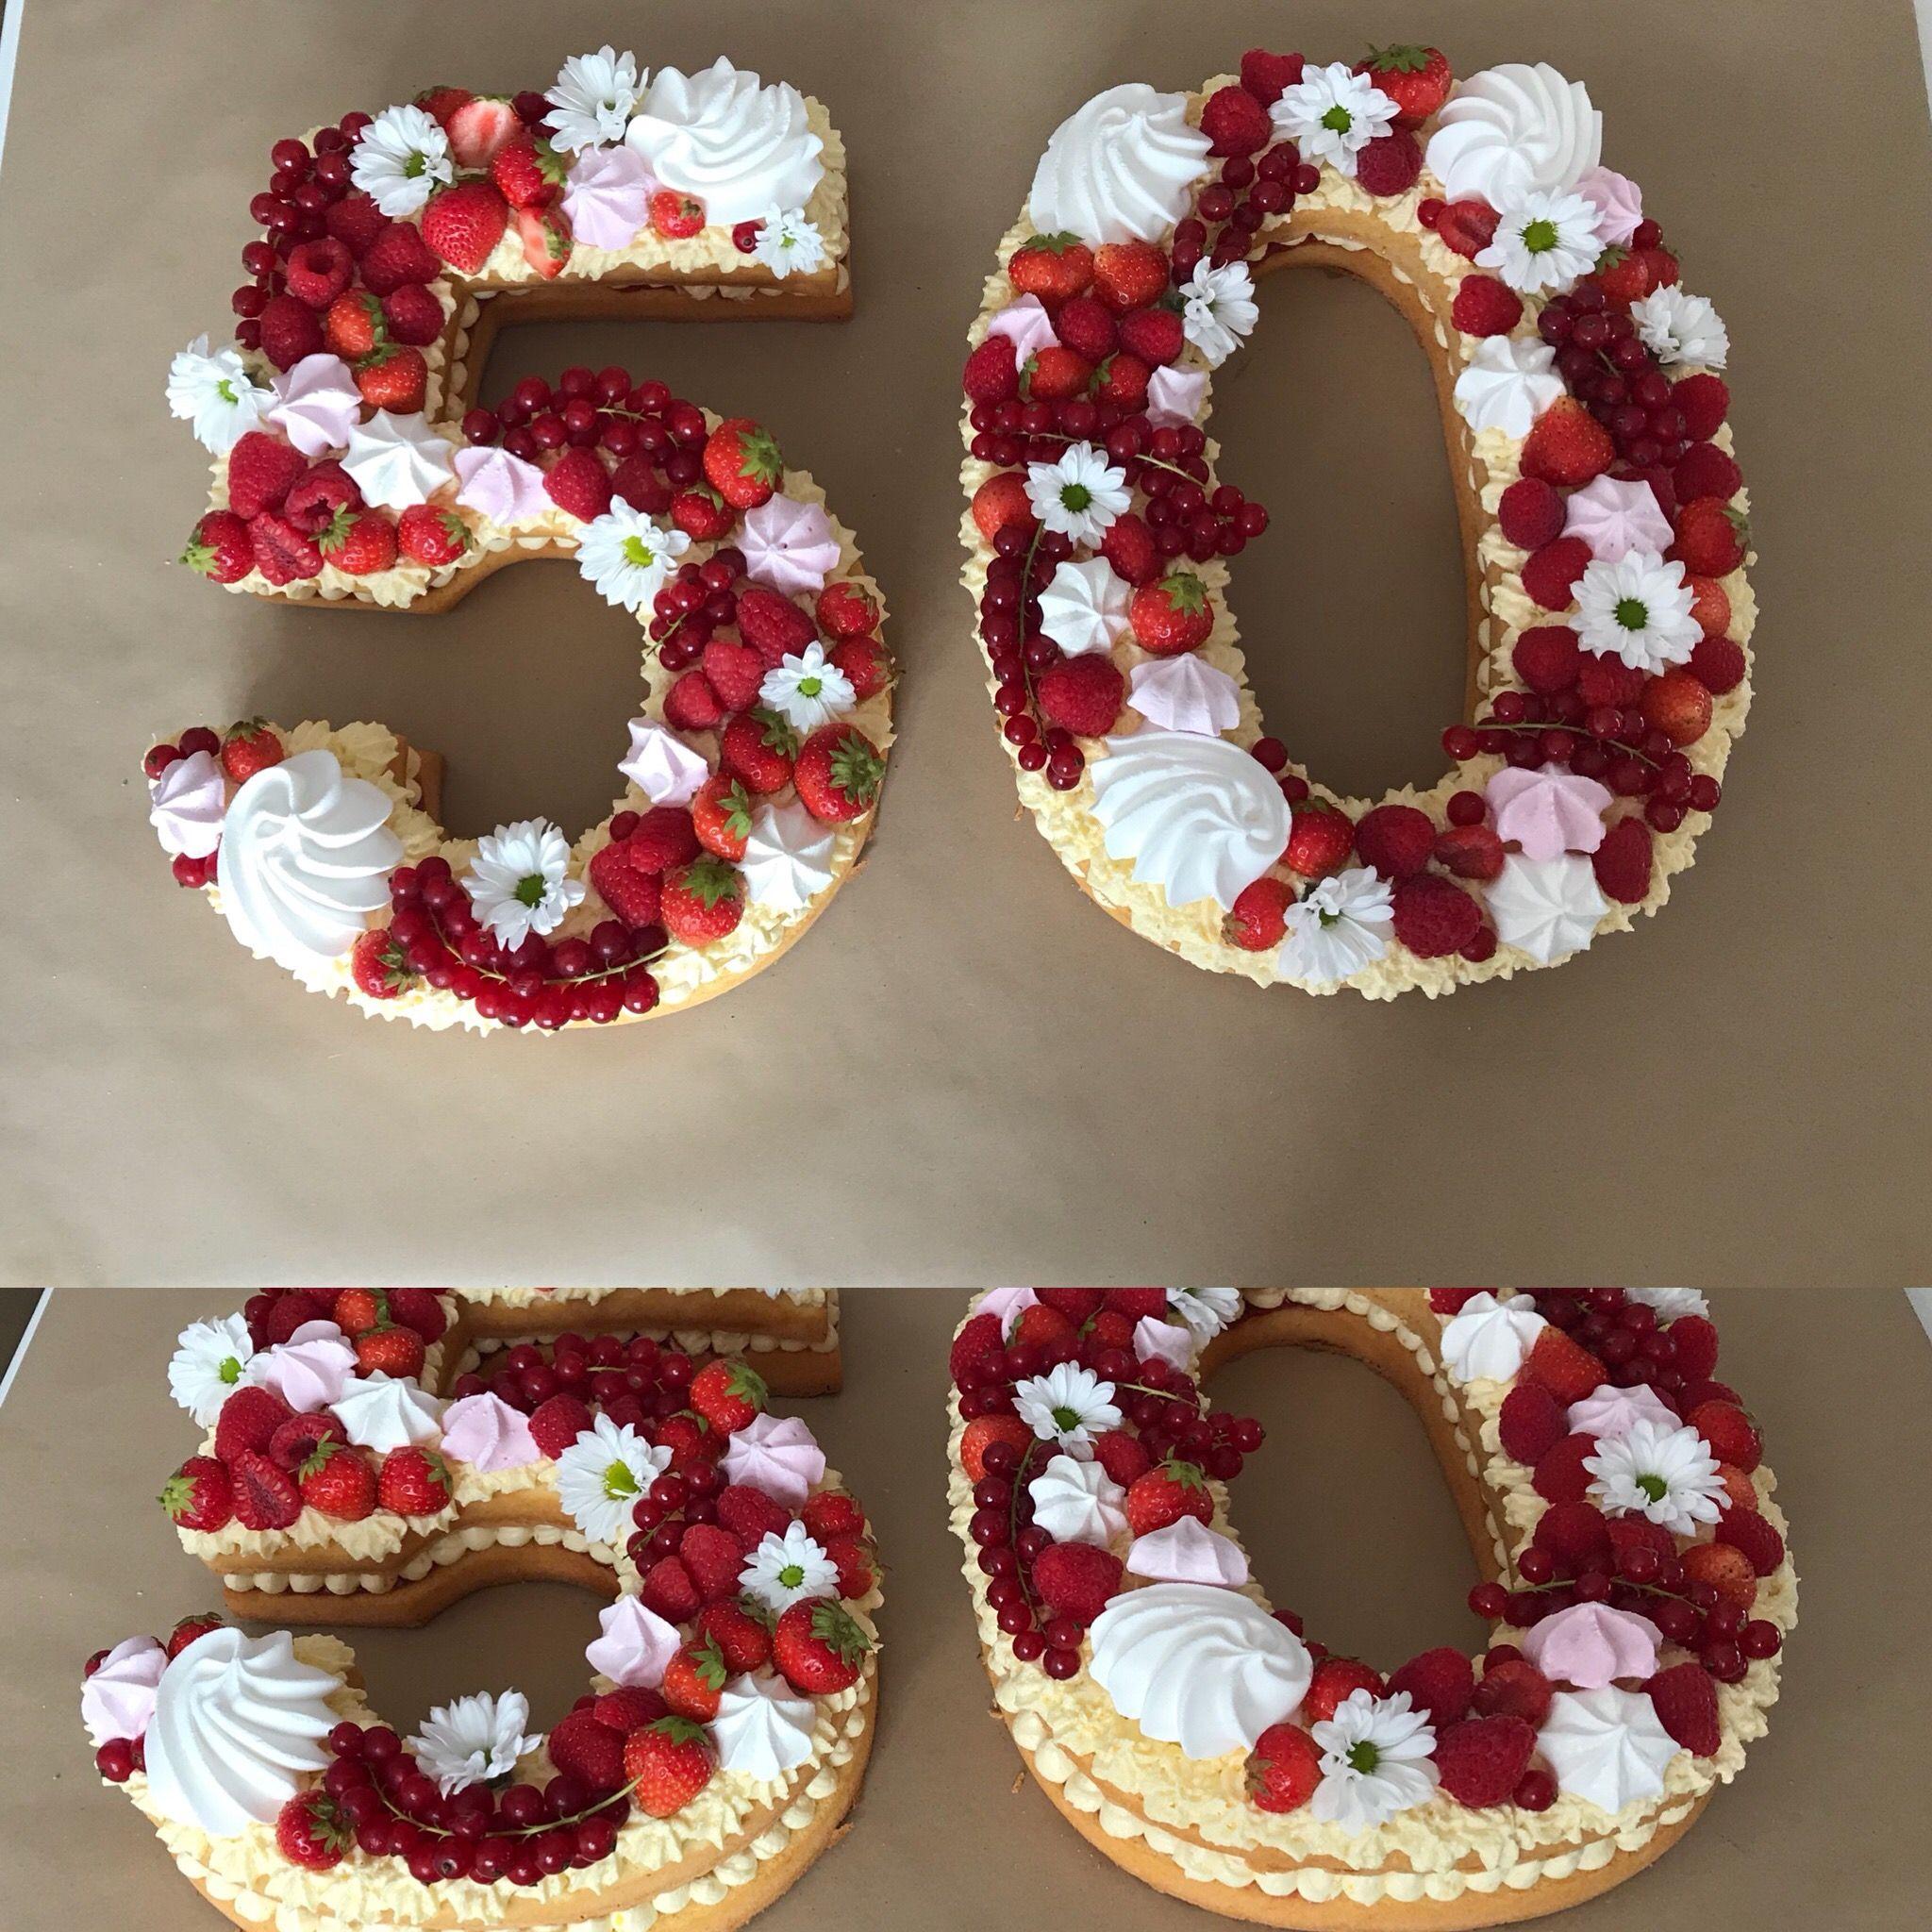 Numbercake Zum 50 Geburtstag Geburtstag Kuchen 50 Geburtstag